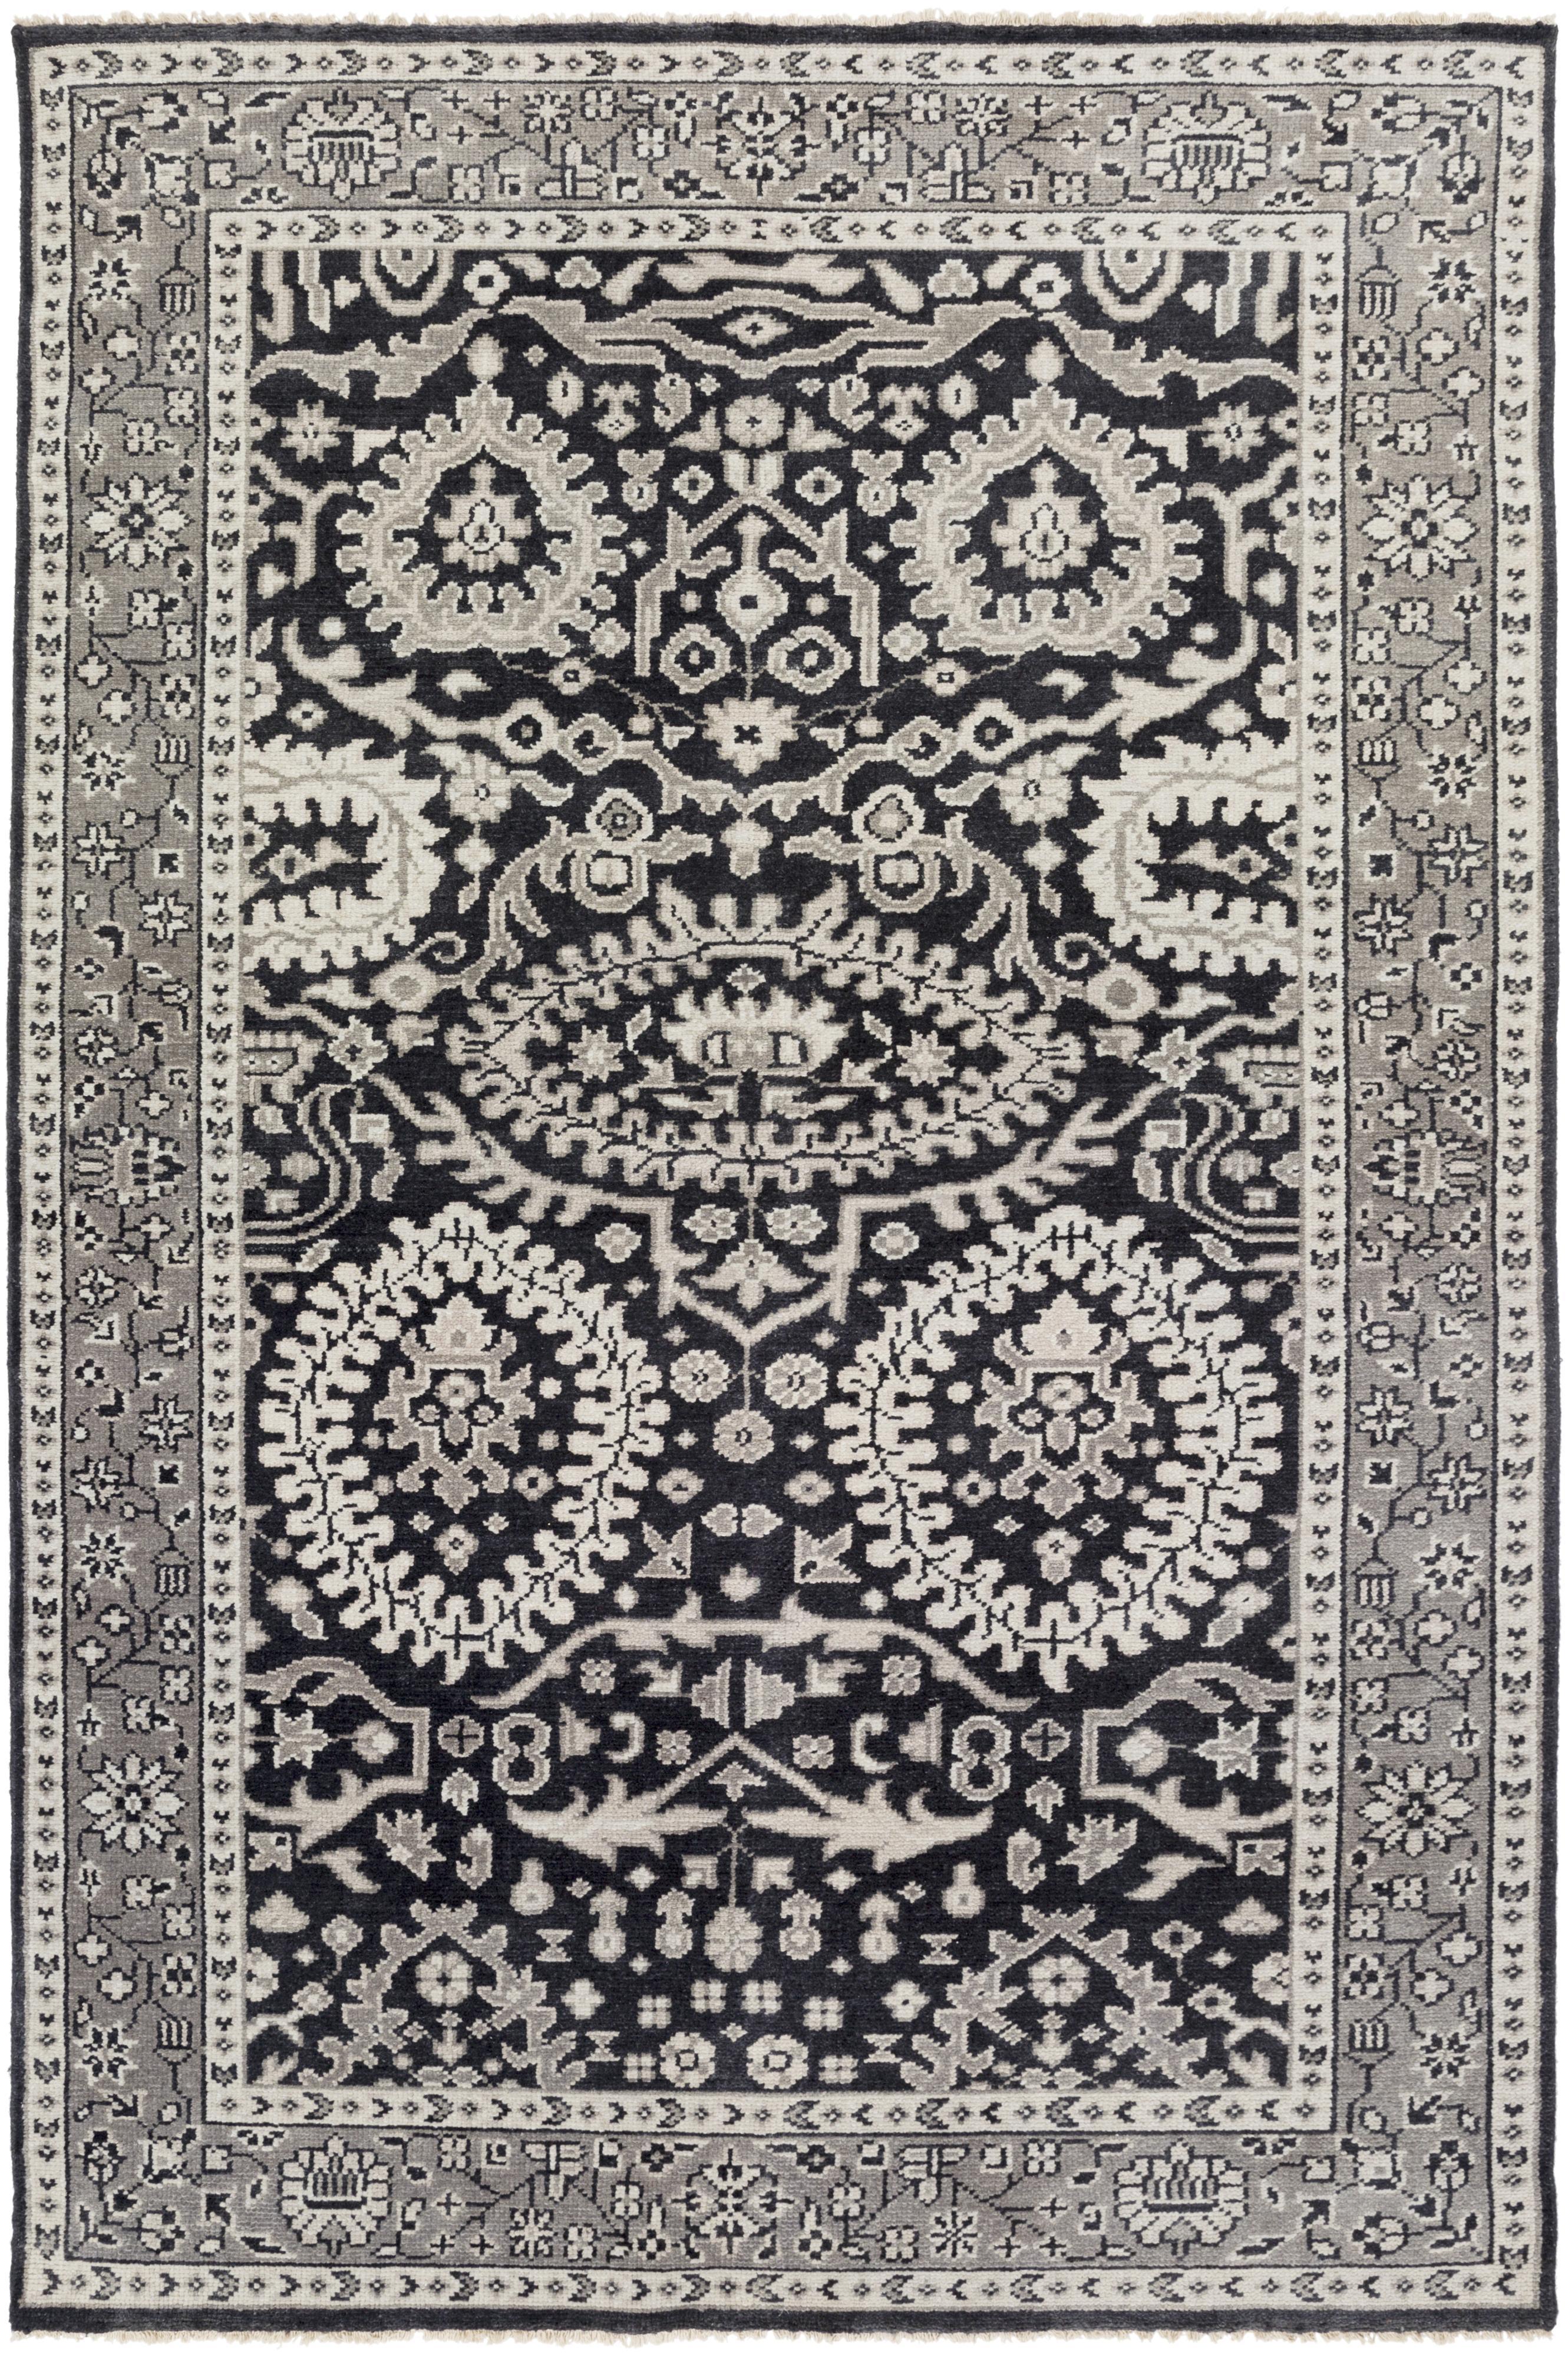 Surya Rugs Cappadocia 9' x 13' - Item Number: CPP5003-913